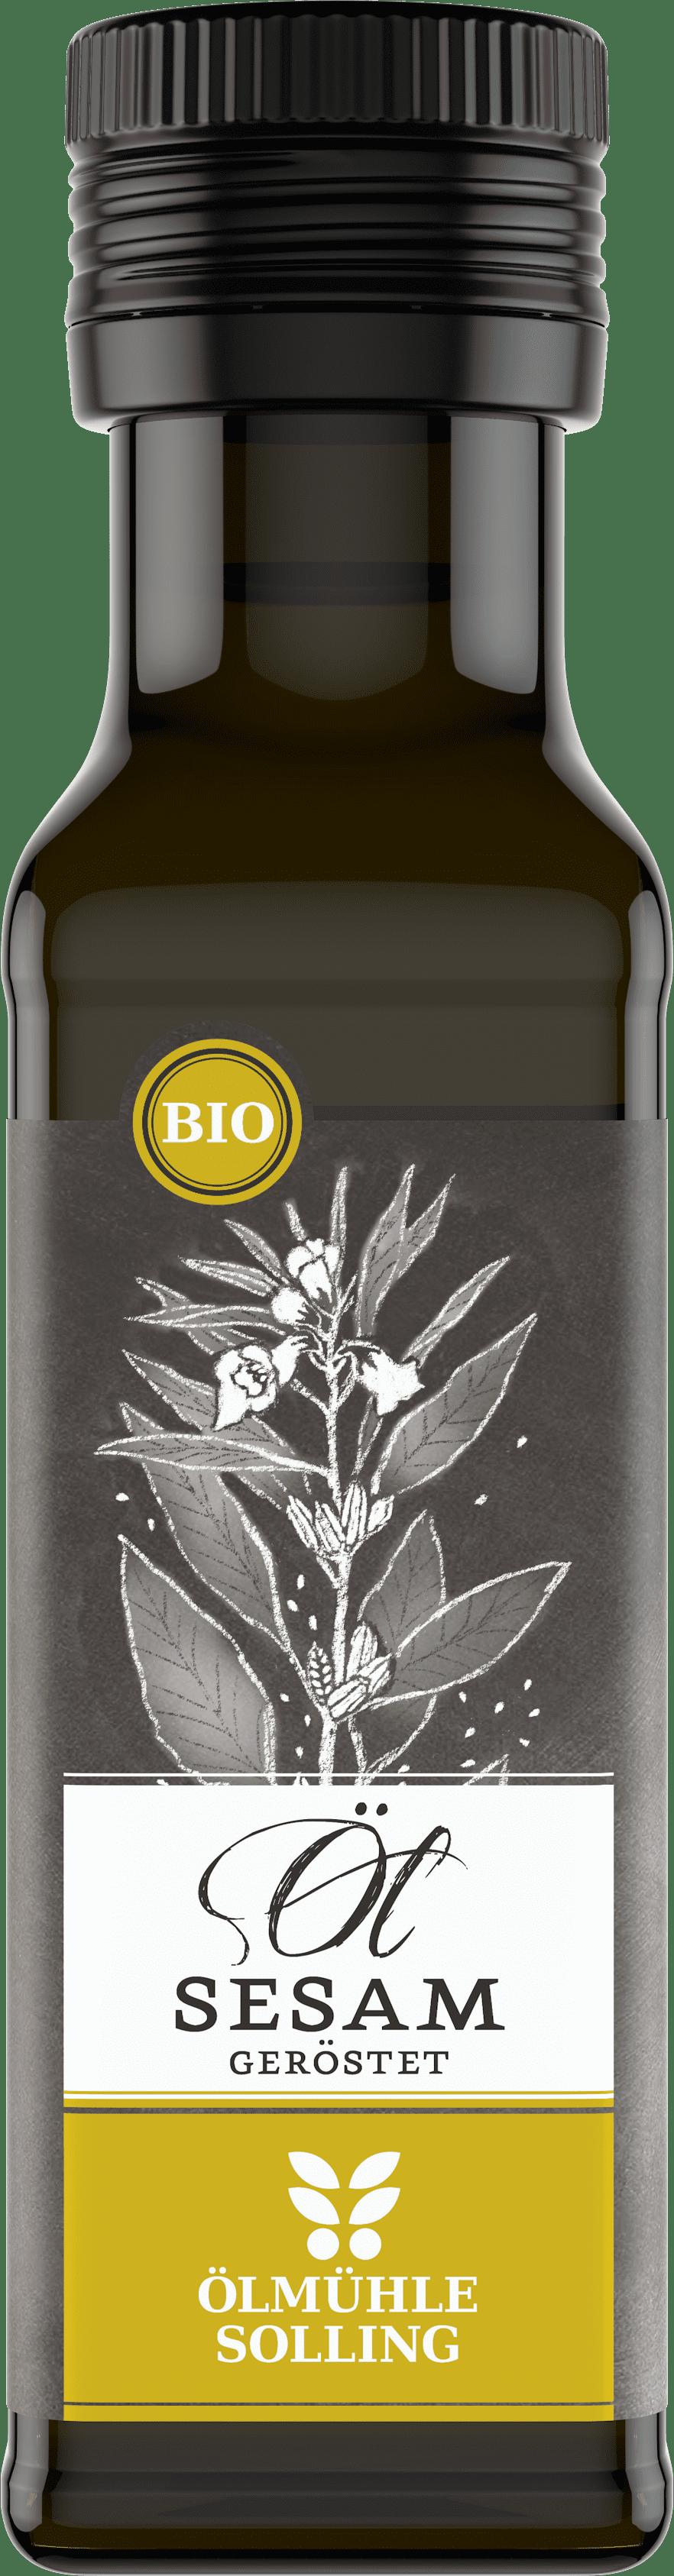 Sesamöl geröstet 100 ml von Ölmühle Solling